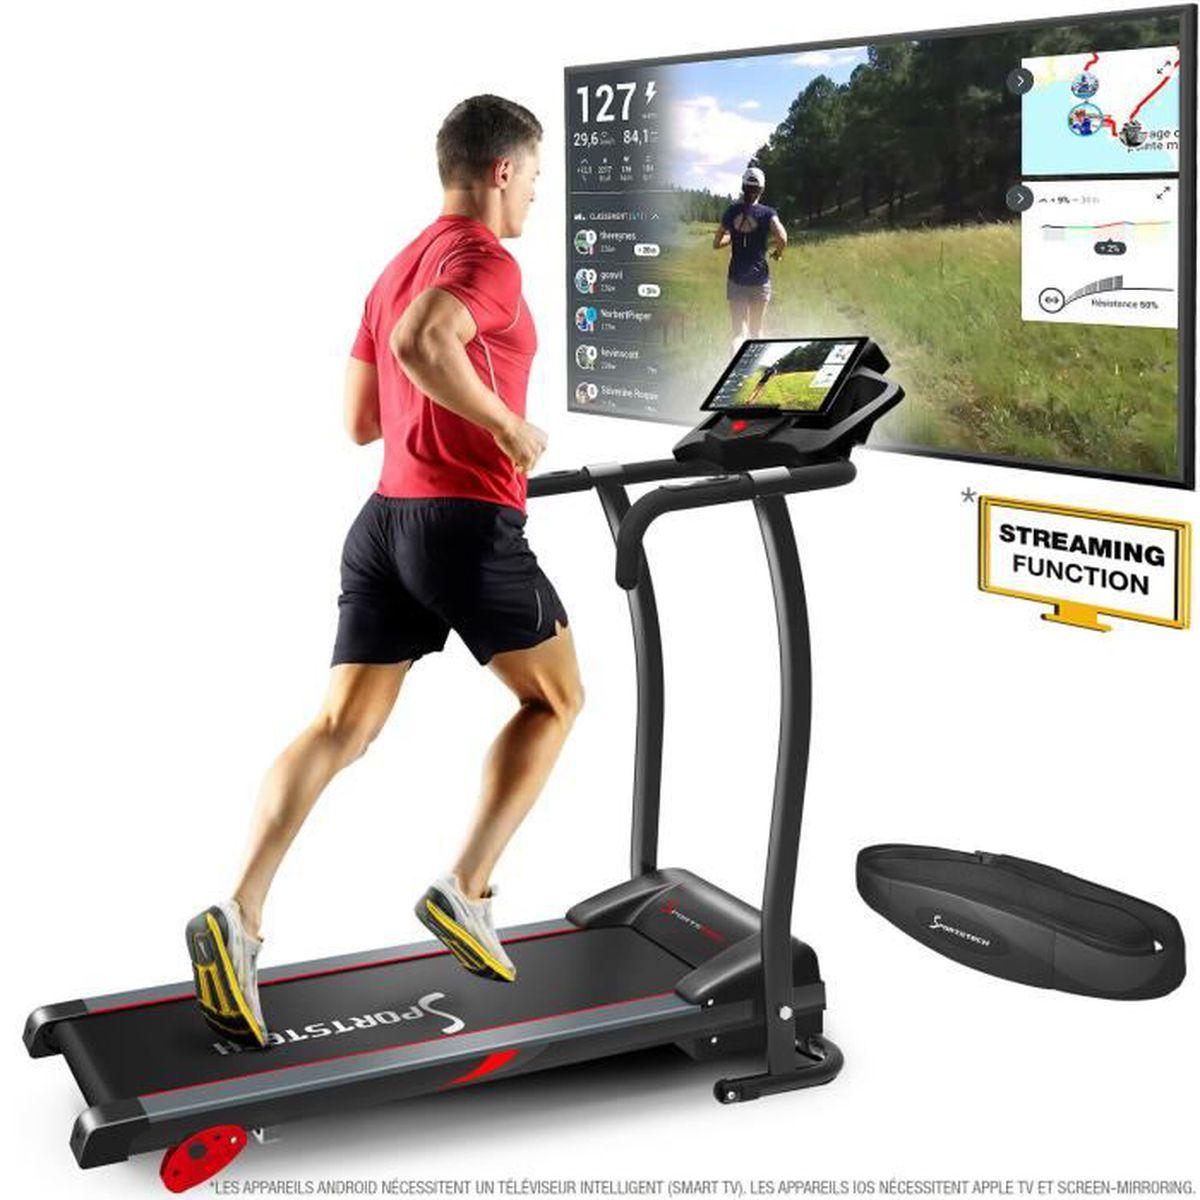 9711b2e823014 Tapis de course F15 pliable fitness cardio marche roulant électrique ...